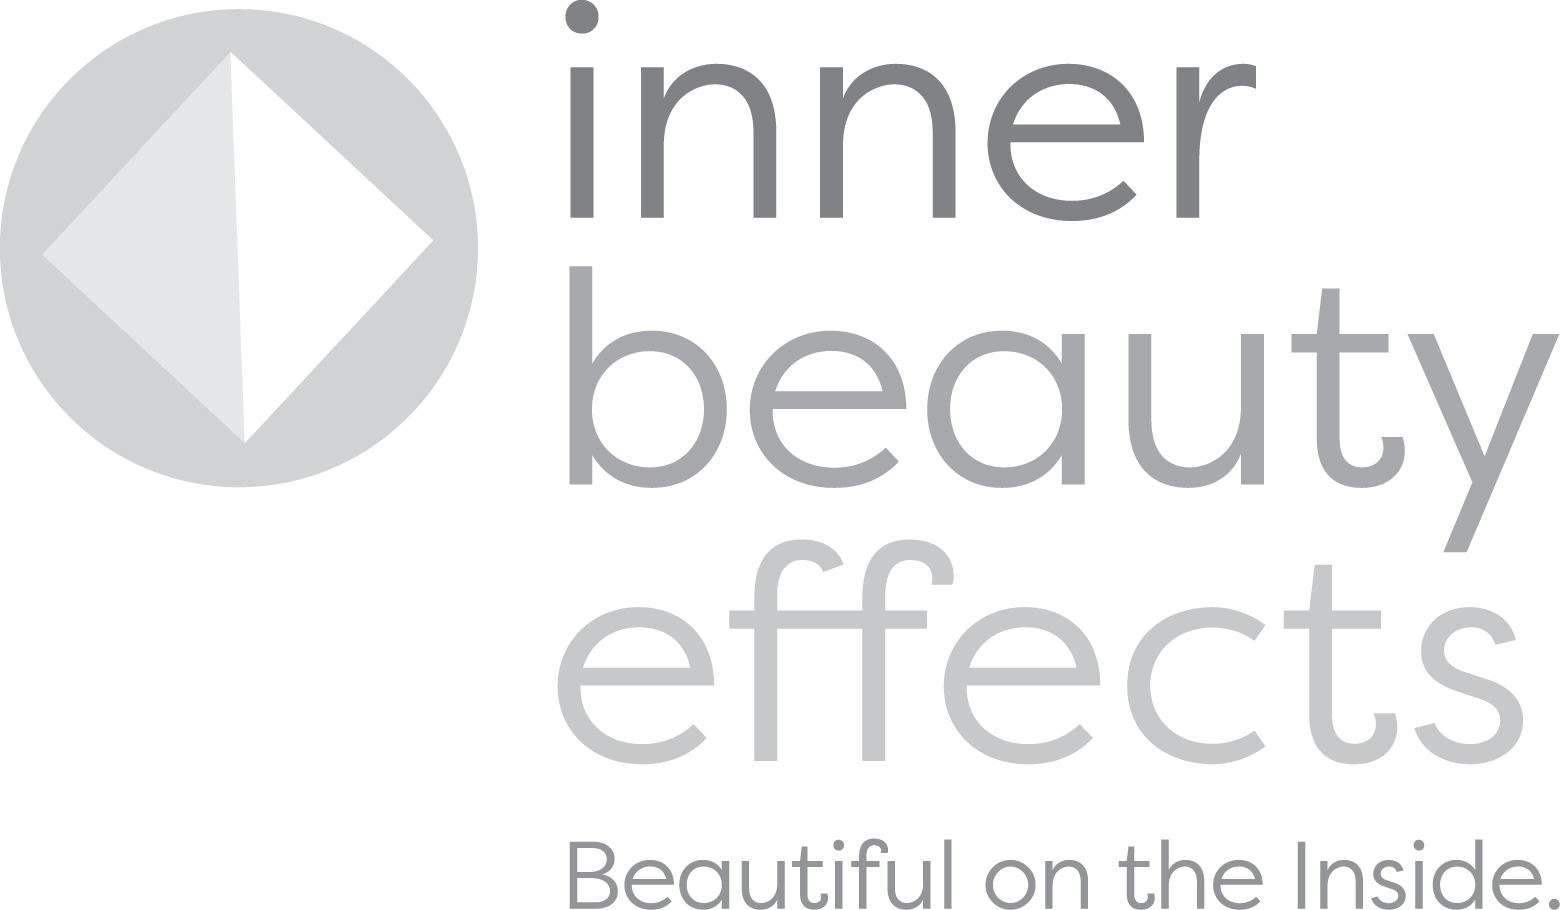 inner beauty effects